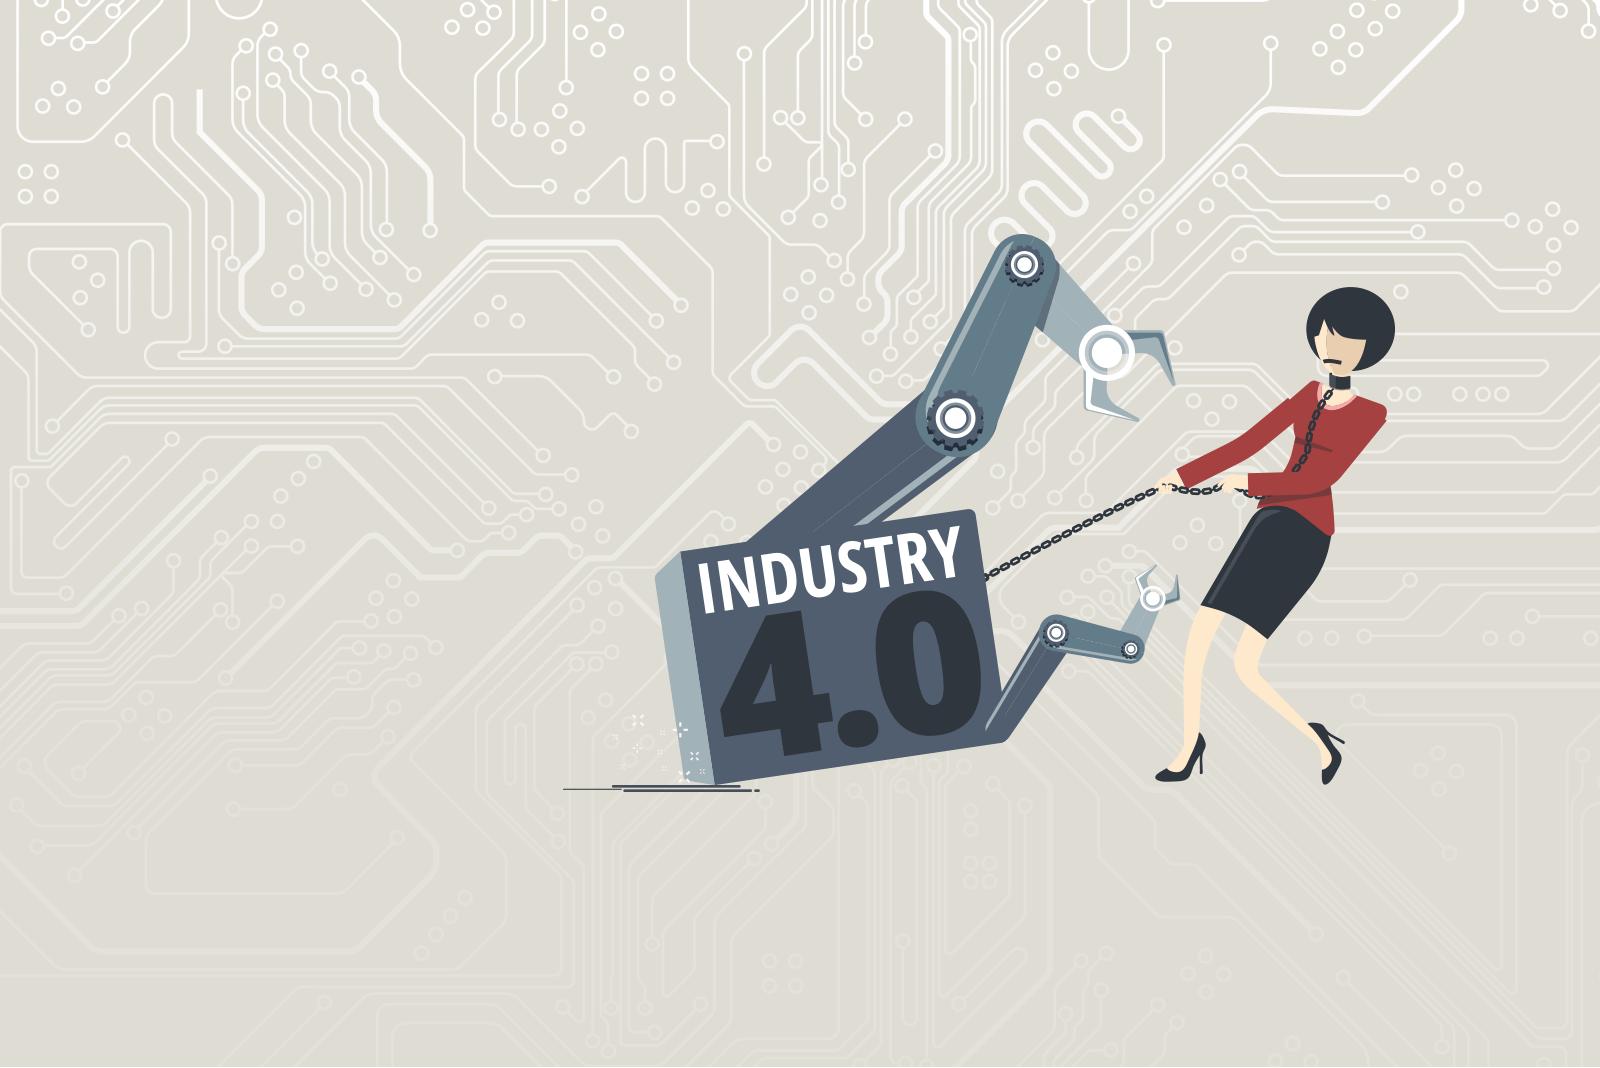 Industria 4.0: de esclavo IT a dueño de tu trabajo